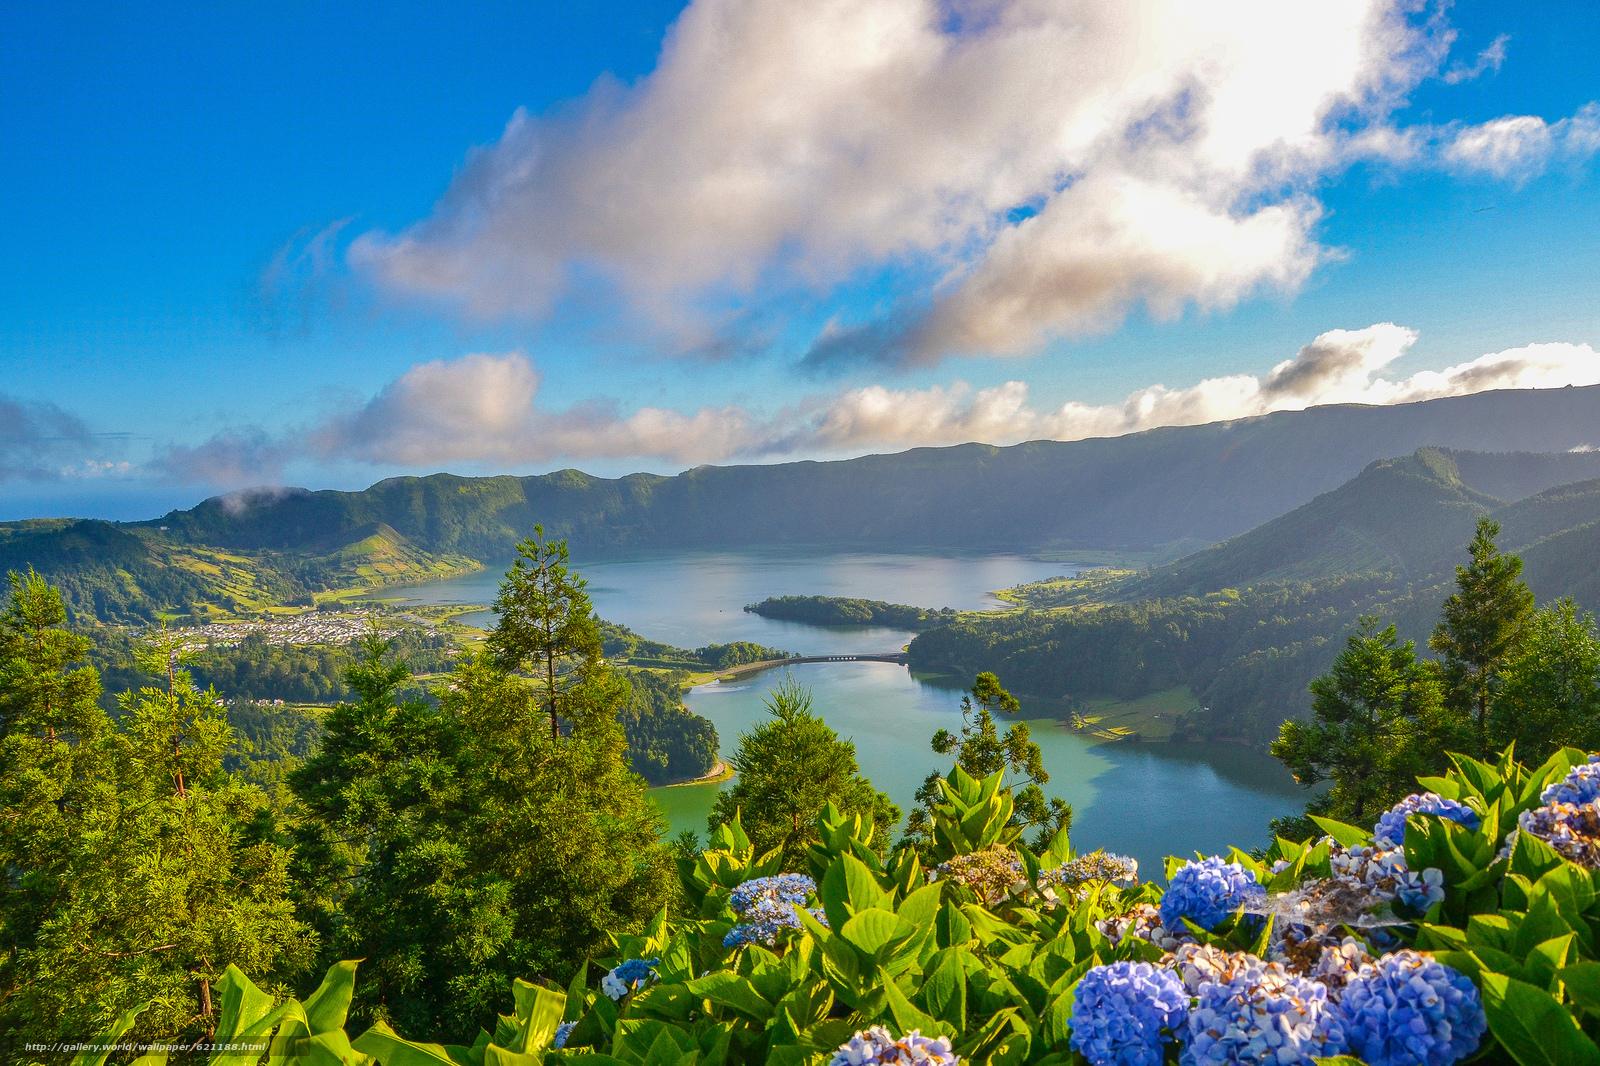 Скачать обои Lagoa das Sete Cidades,  Lagoon of the Seven Cities,  Sete Cidades Massif,  São Miguel Island бесплатно для рабочего стола в разрешении 2048x1365 — картинка №621188